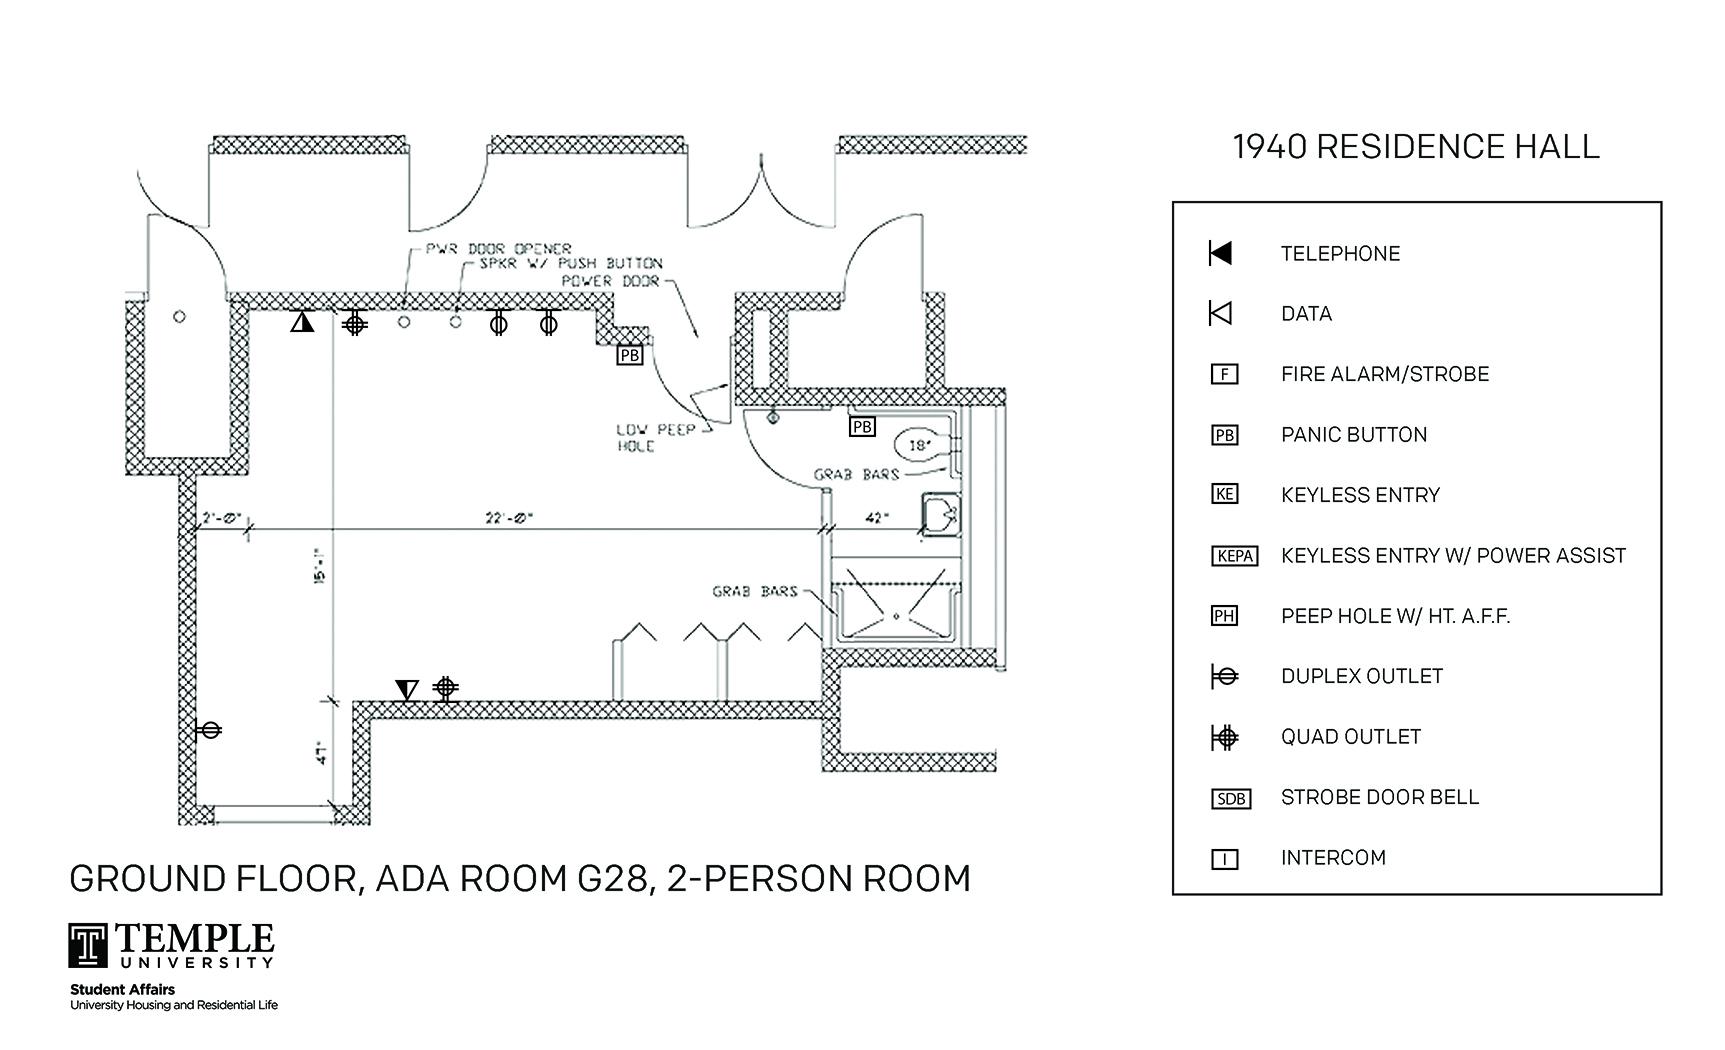 Accessible Room Diagrams: 2 person, 1 bedroom Suite - G28